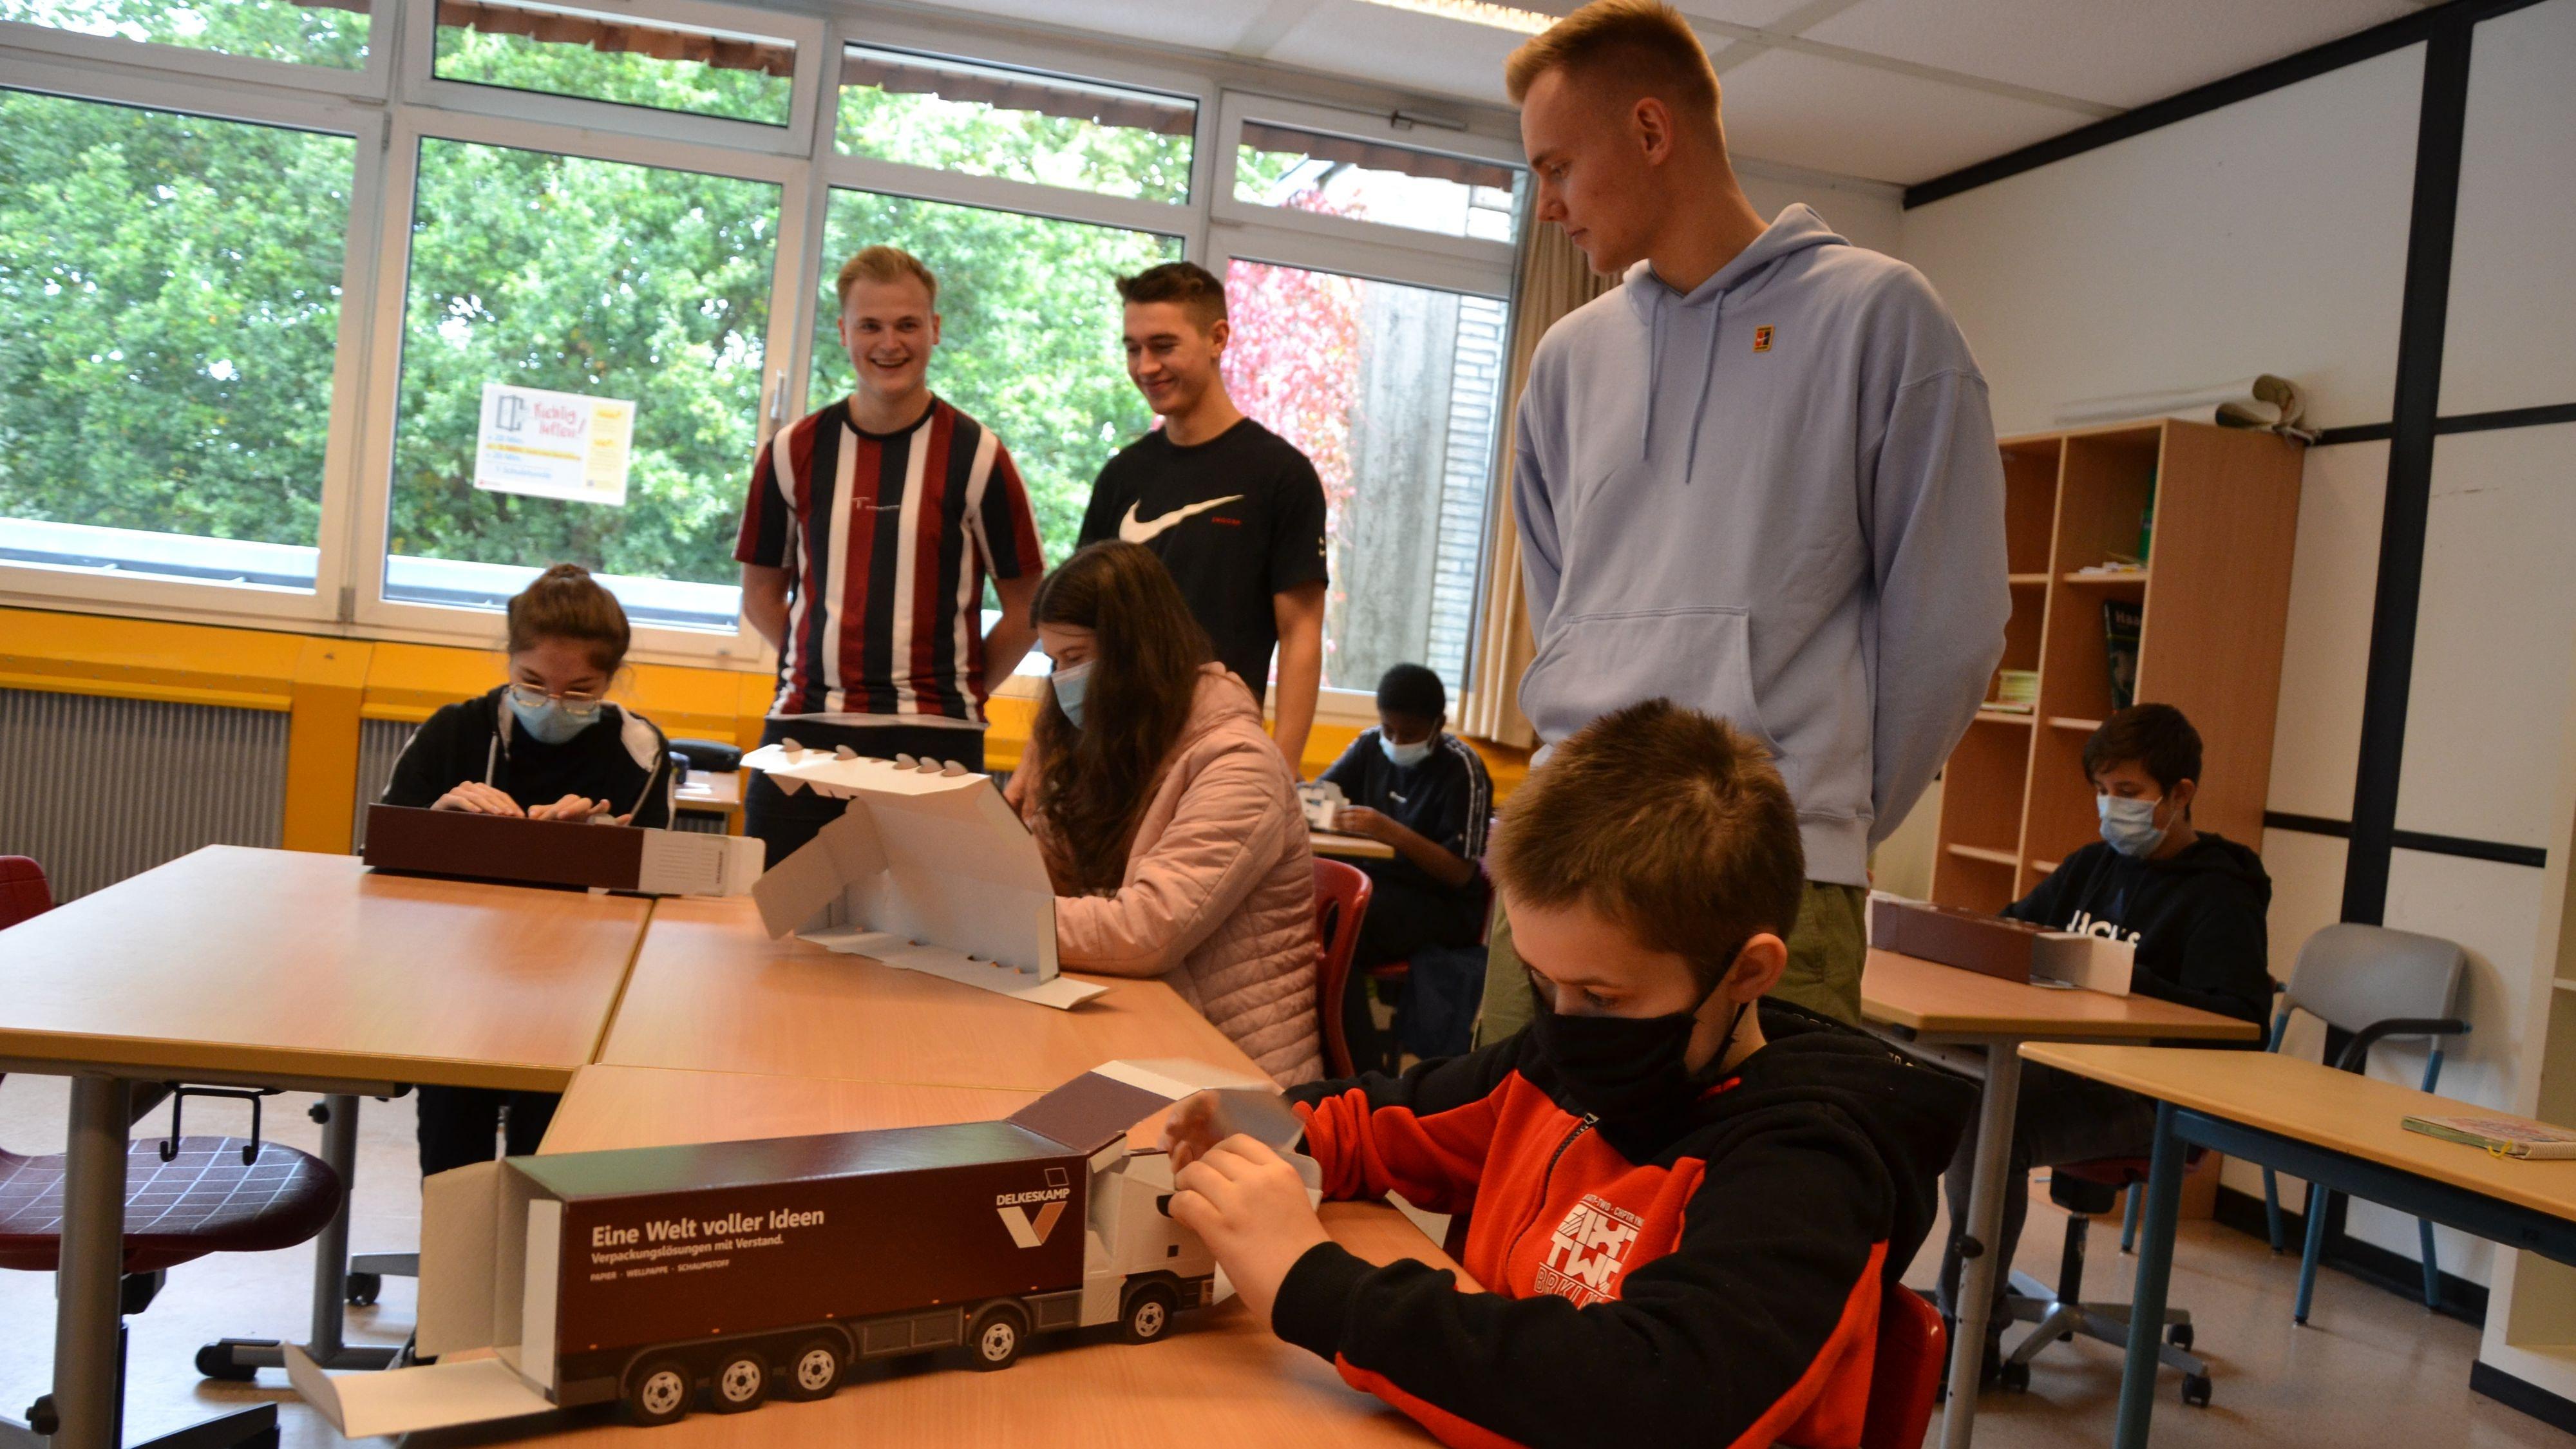 Gebastelt wurde auch: Die Auszubildenden Thomas Eveslage, Marlon Gärtner und Jan Ellers (von links, stehend) hatten den Schülern Faltsets mitgebracht.  Foto: G. Meyer